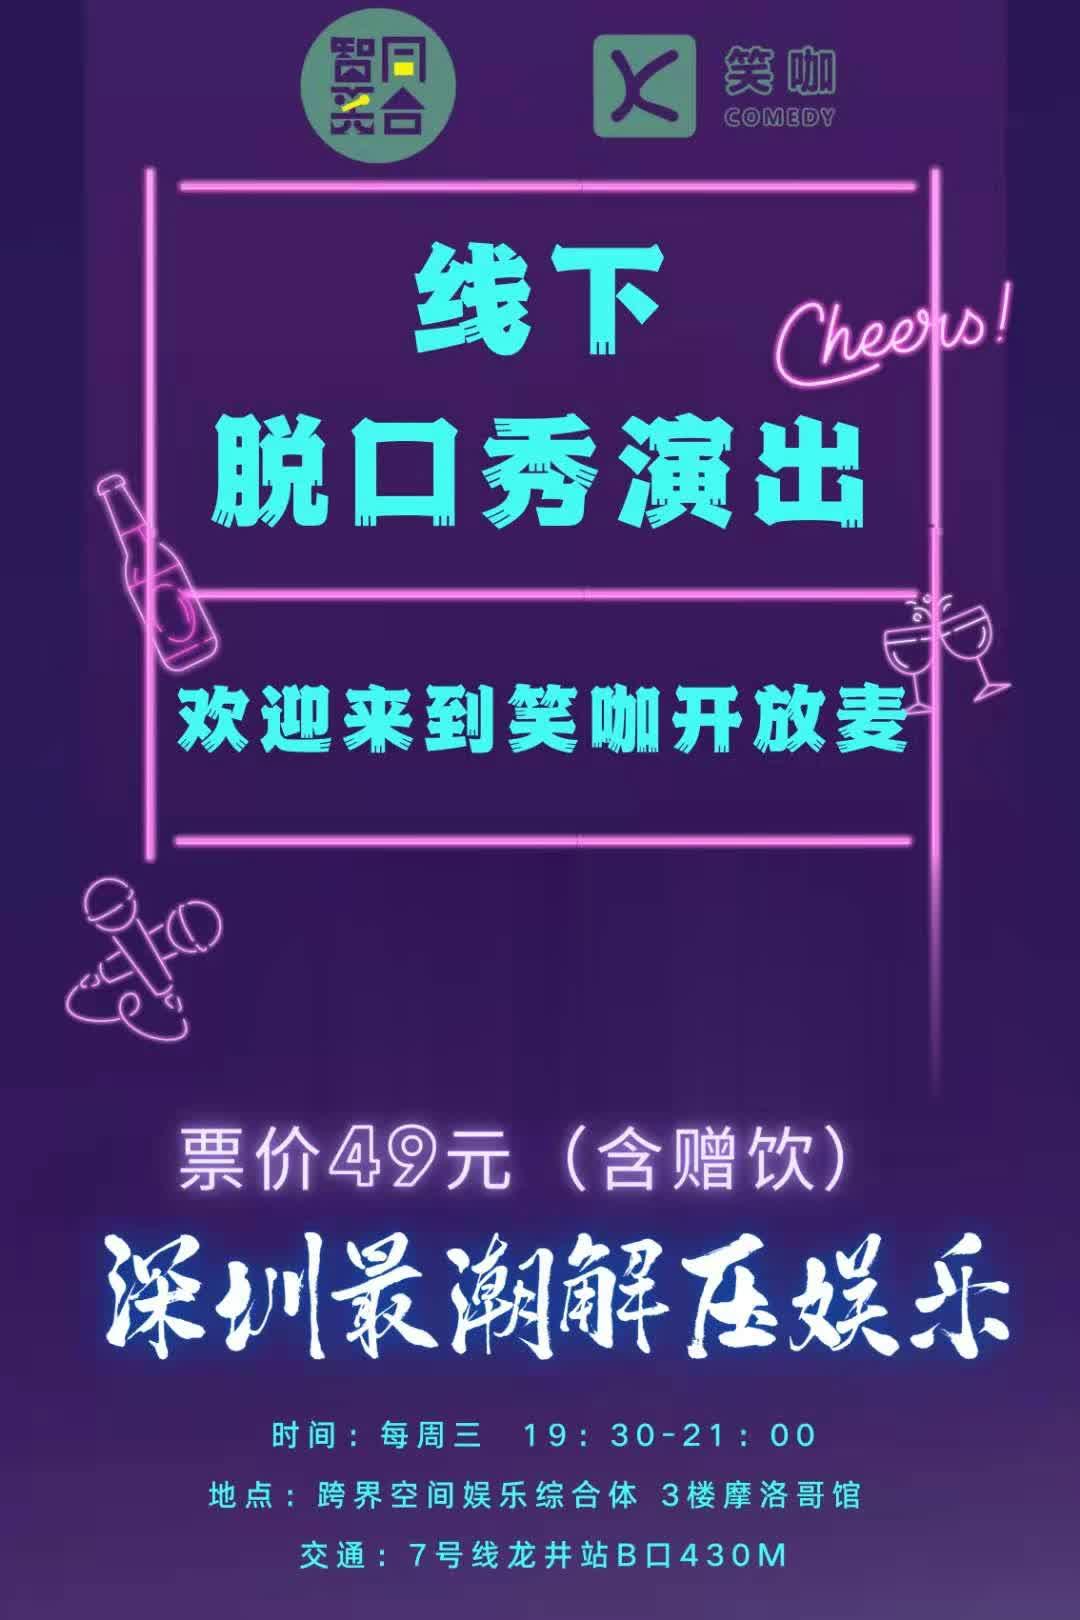 深圳智同笑合笑咖每周三晚開放麥